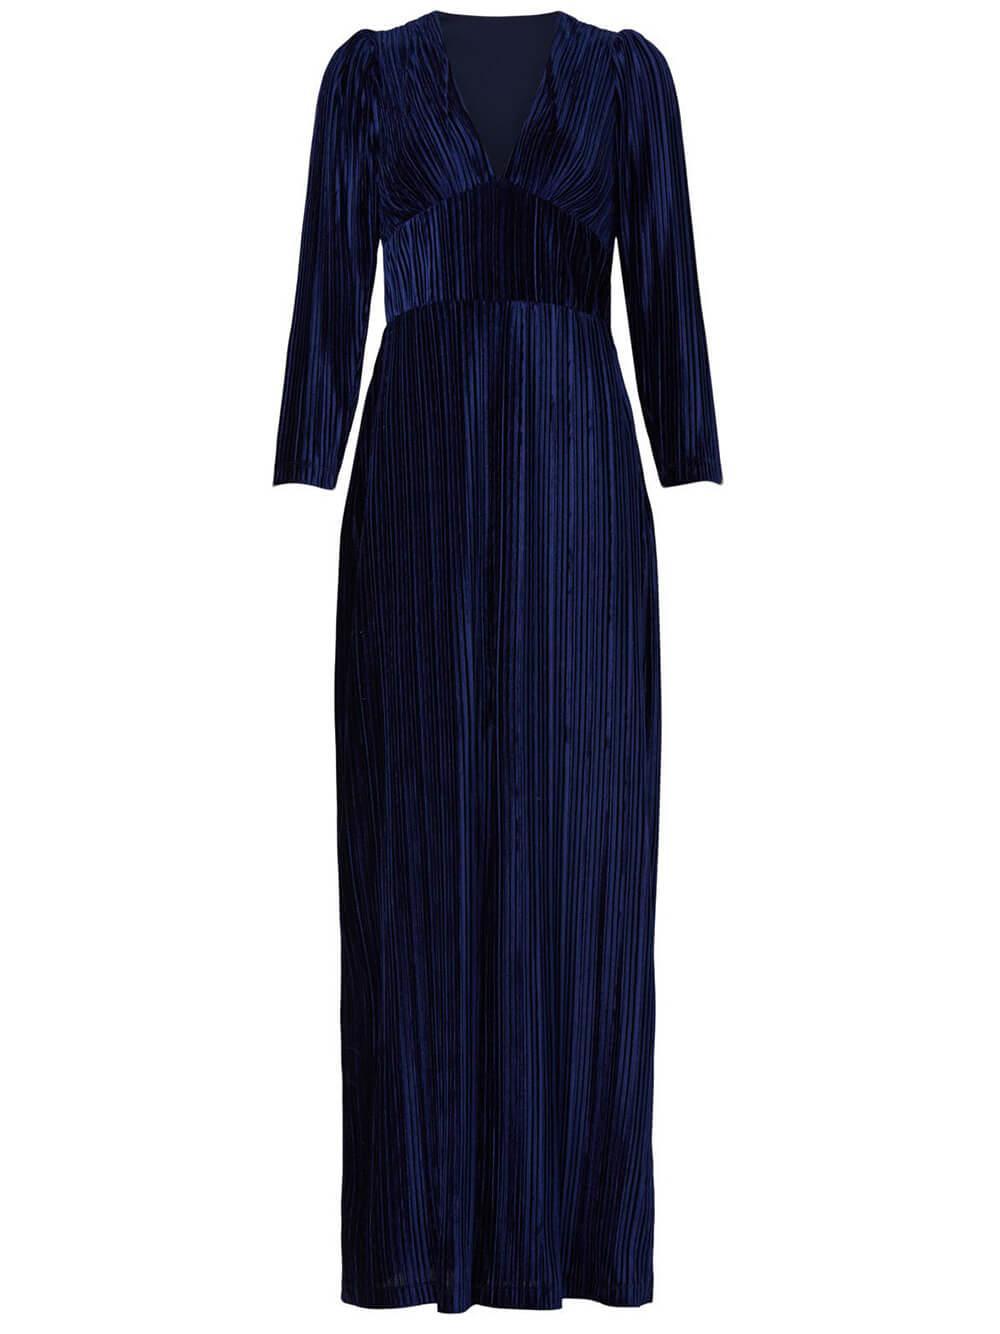 Celsey Pleated Velvet Gown Item # 2359322